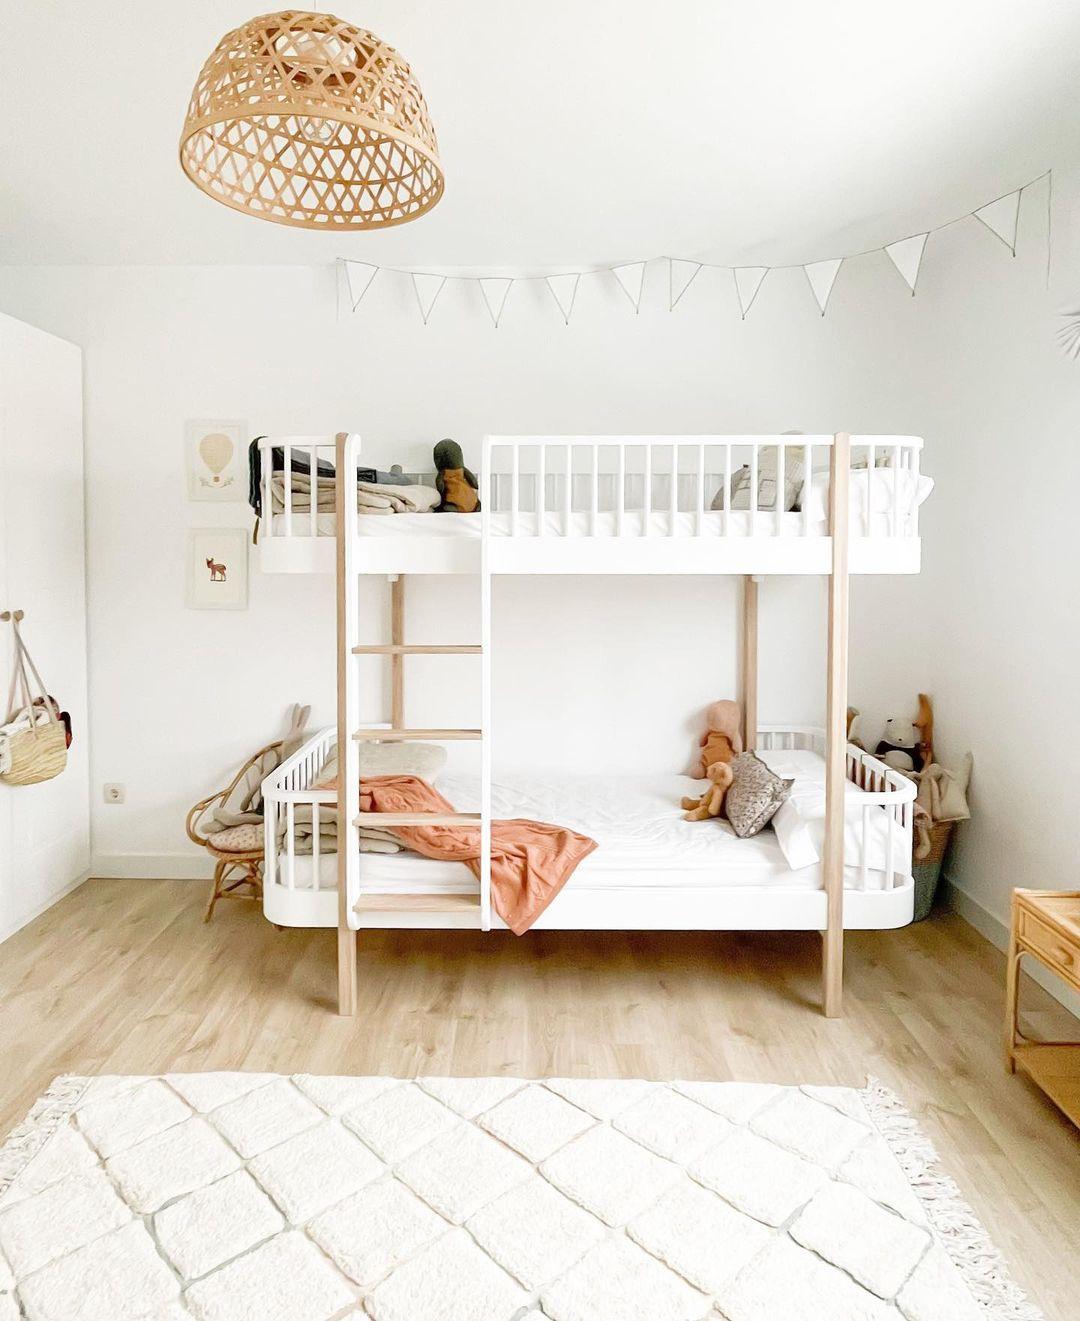 Ideias de decoração para quartos de criança